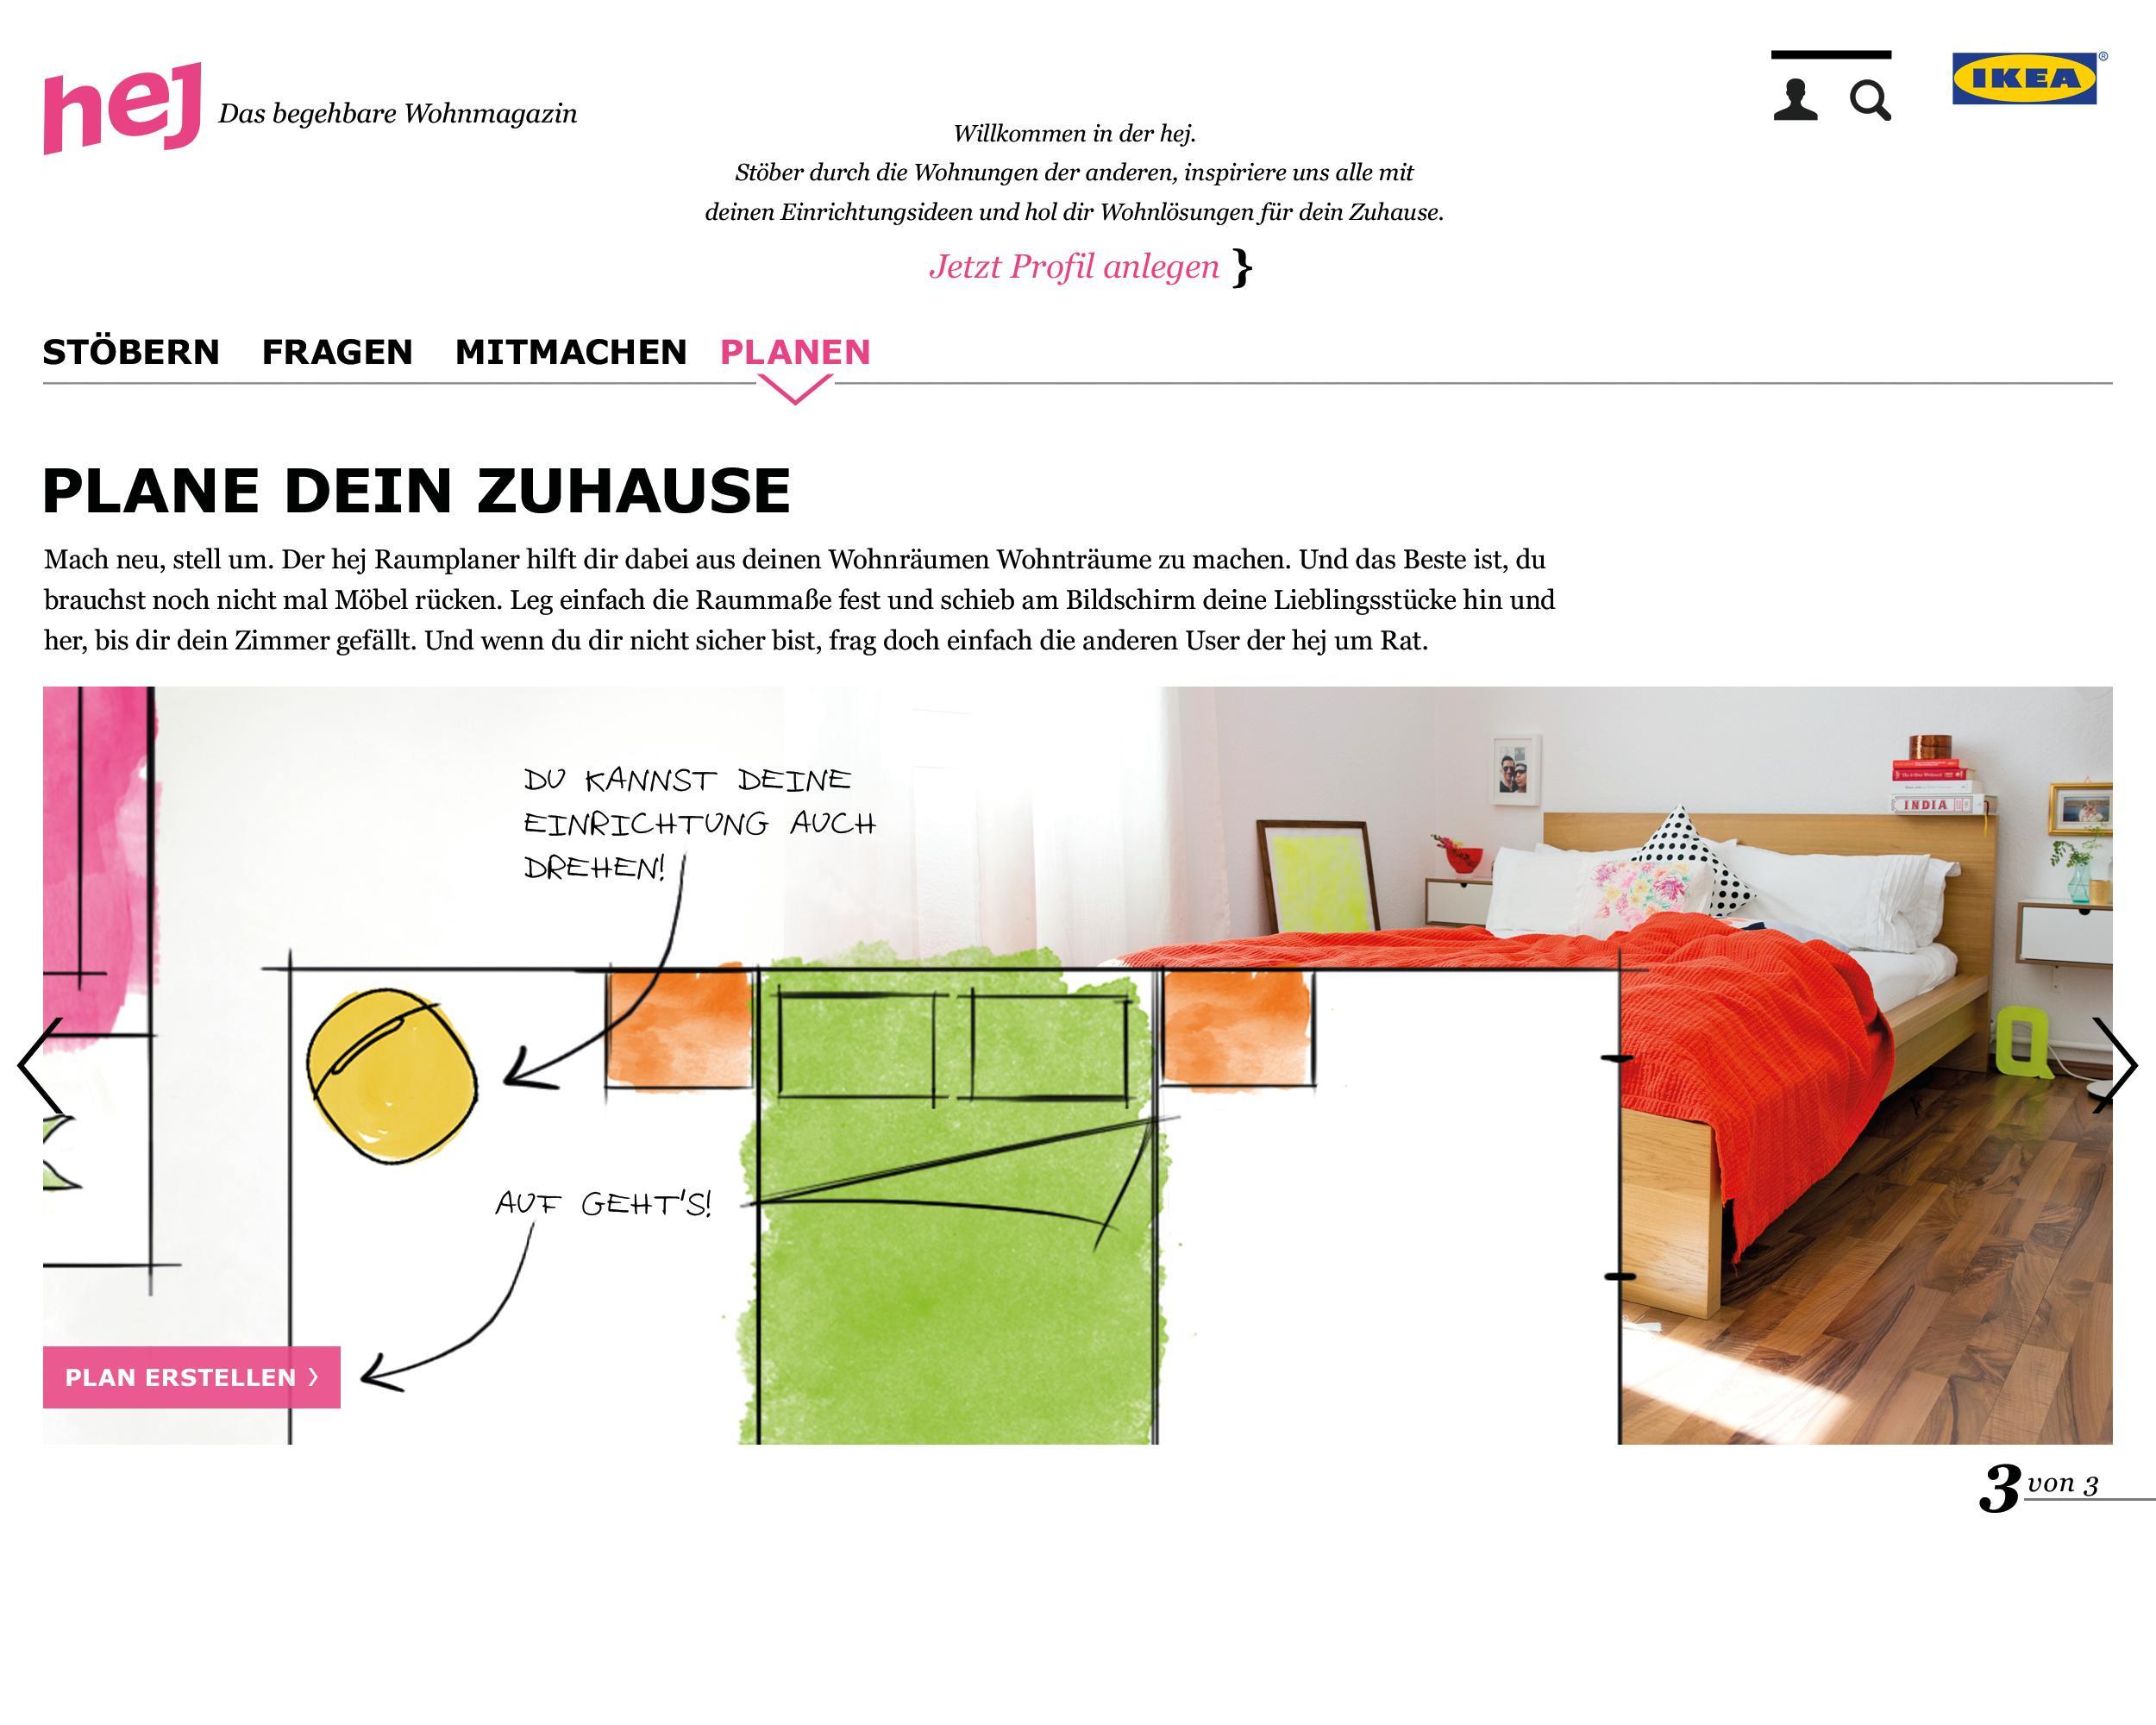 Ikea Schafft Mit Der Neuen Hej Community Das Erste Begehbare